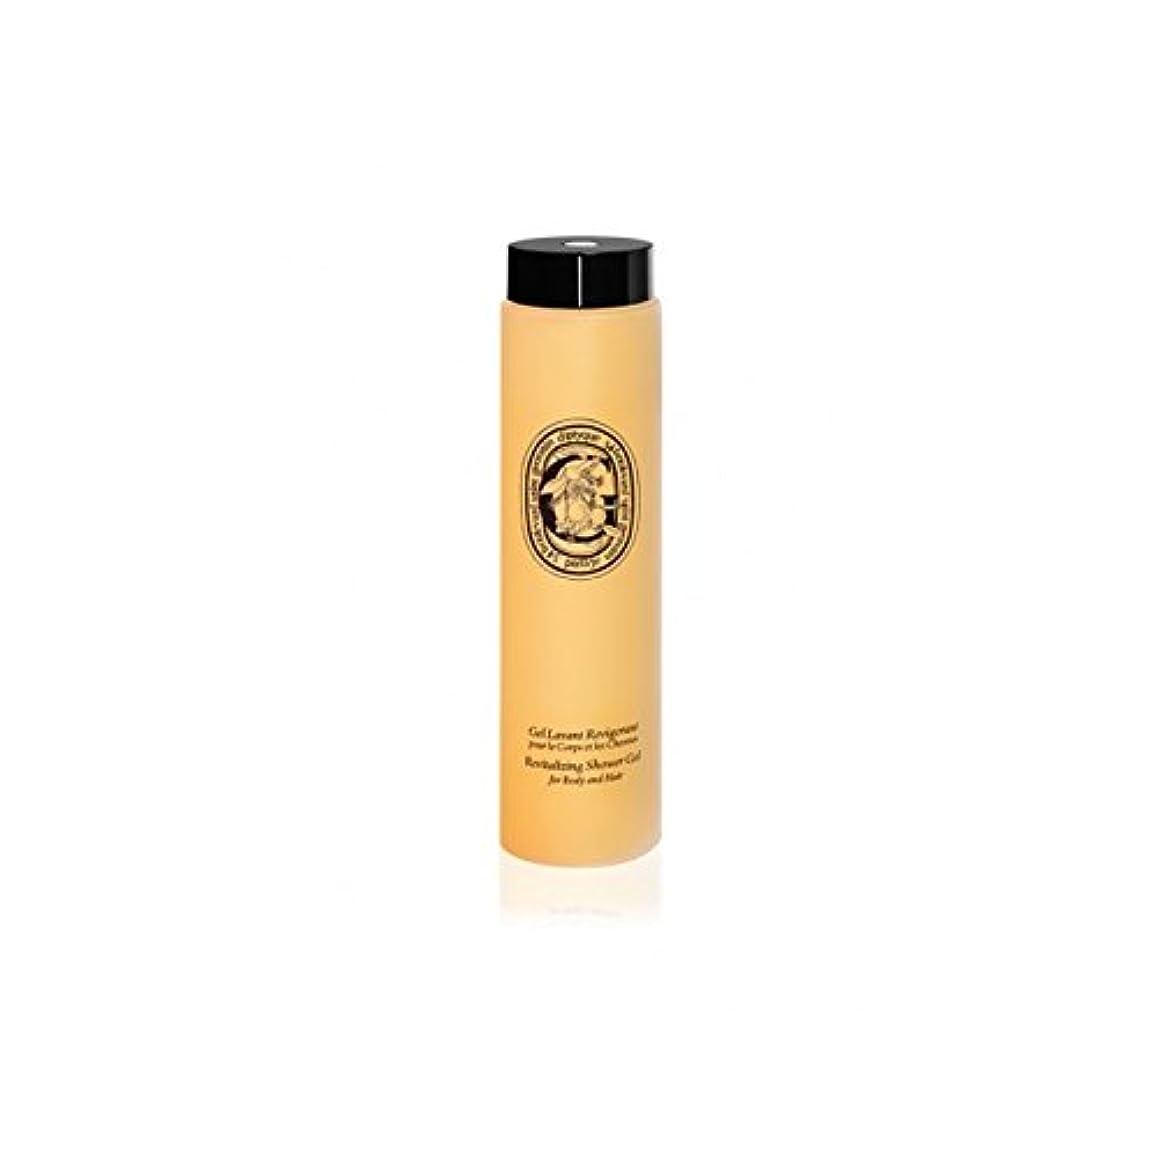 憤る成熟止まるDiptyque Revitalizing Shower Gel For Body And Hair 200ml (Pack of 2) - ボディ、ヘア200ミリリットルのためDiptyqueのリバイタライジングシャワージェル...